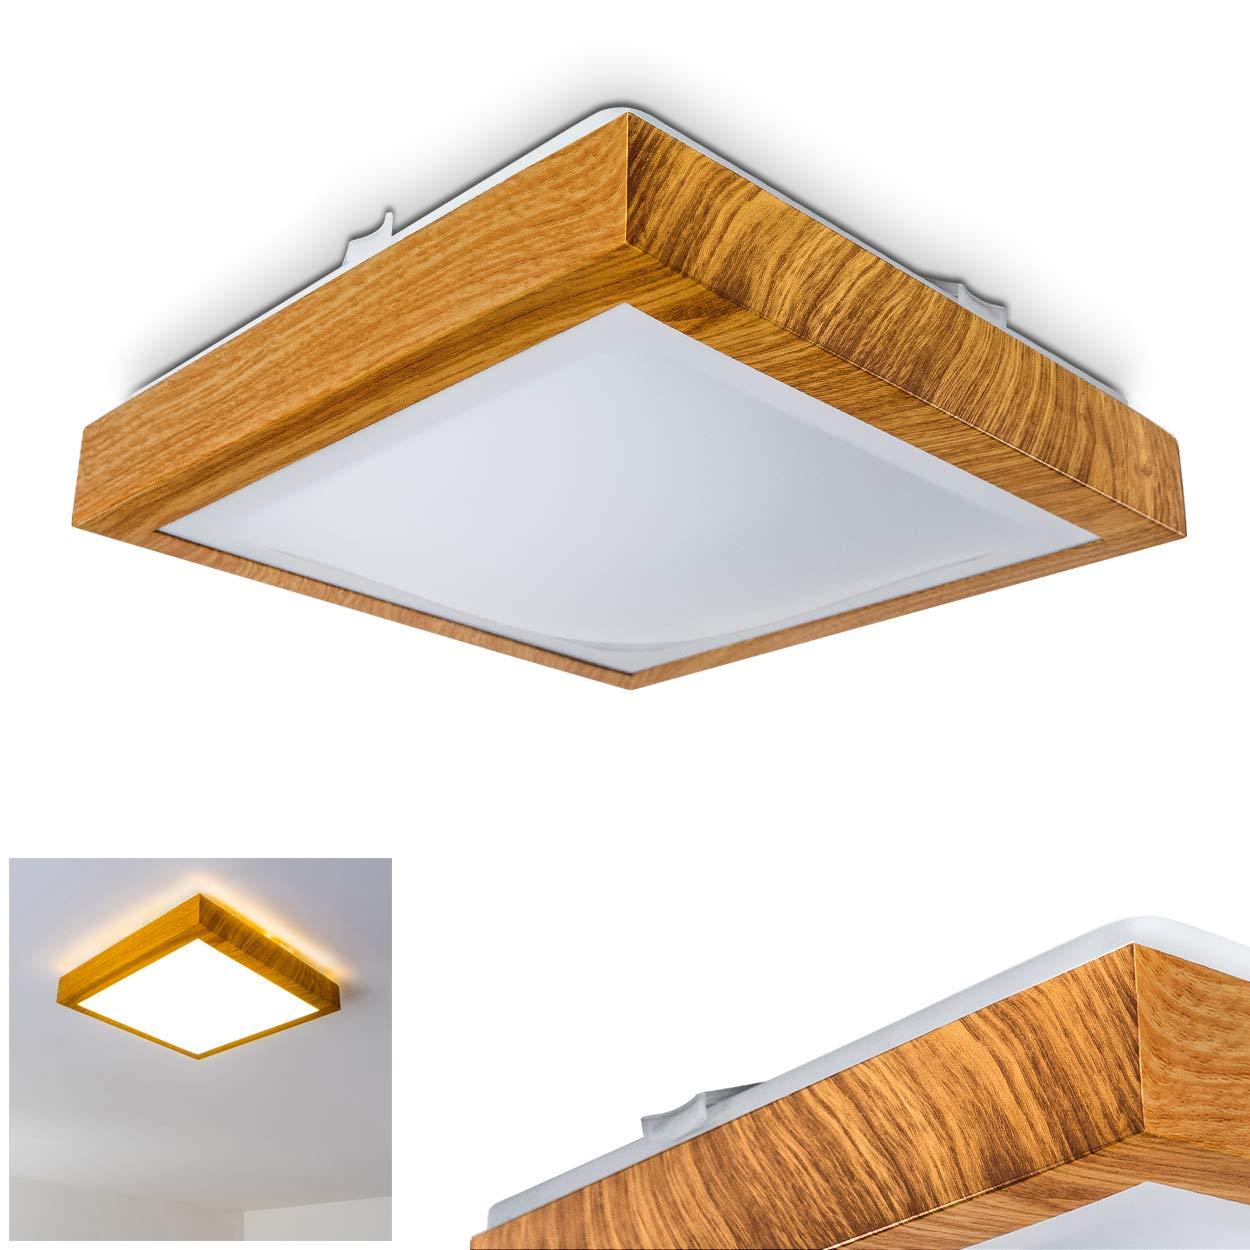 Bad-Lampe Sora Star aus gebürstetem Aluminium – Warmweißes LED-Licht mit 900 Lumen und 12 Watt für die Decke mit Sternendekor – Badezimmer-Beleuchtung im modernen Design hofstein